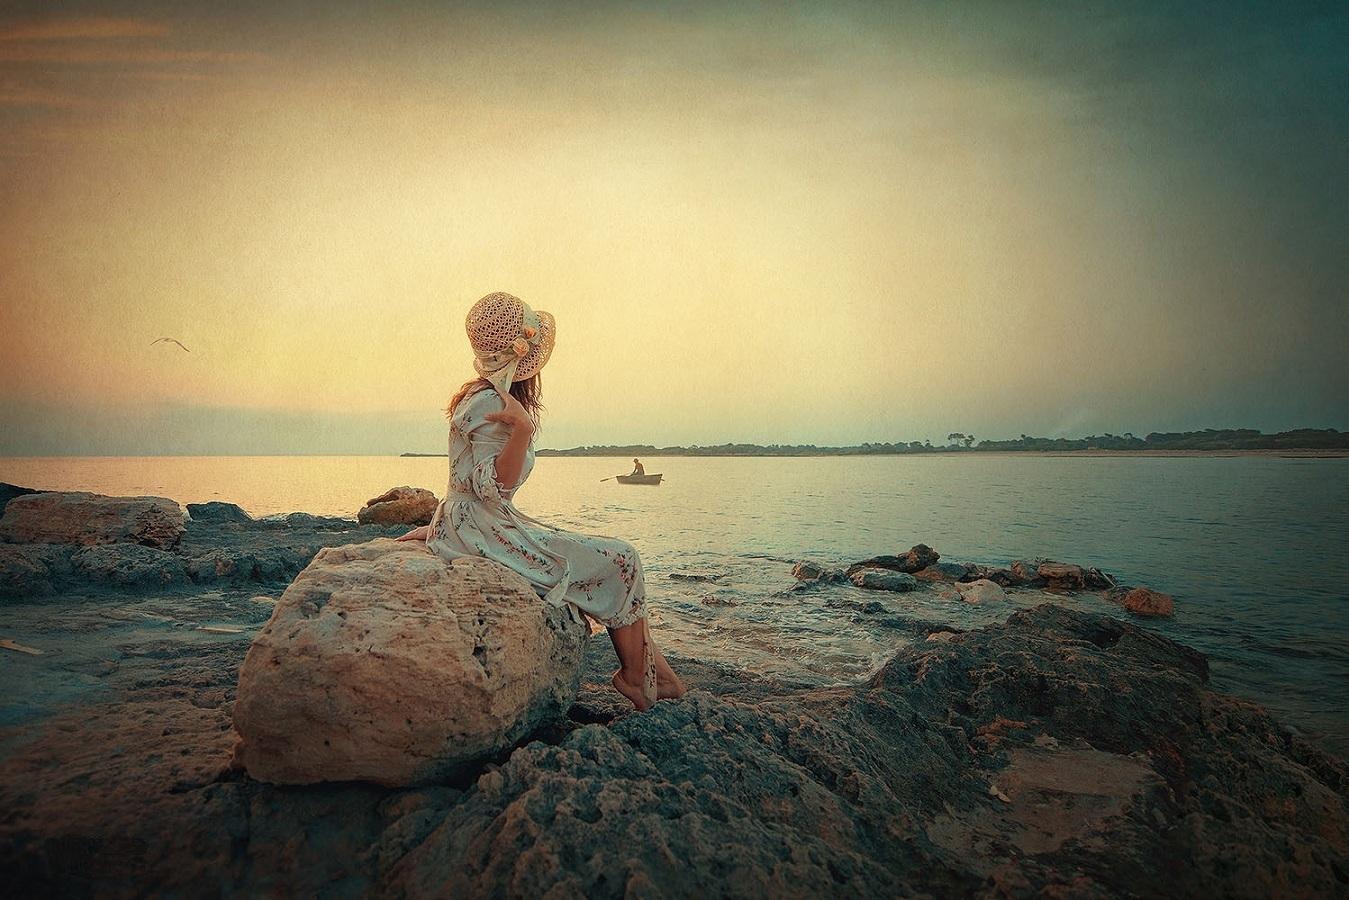 подрощенный картинка ждет на берегу моря канала